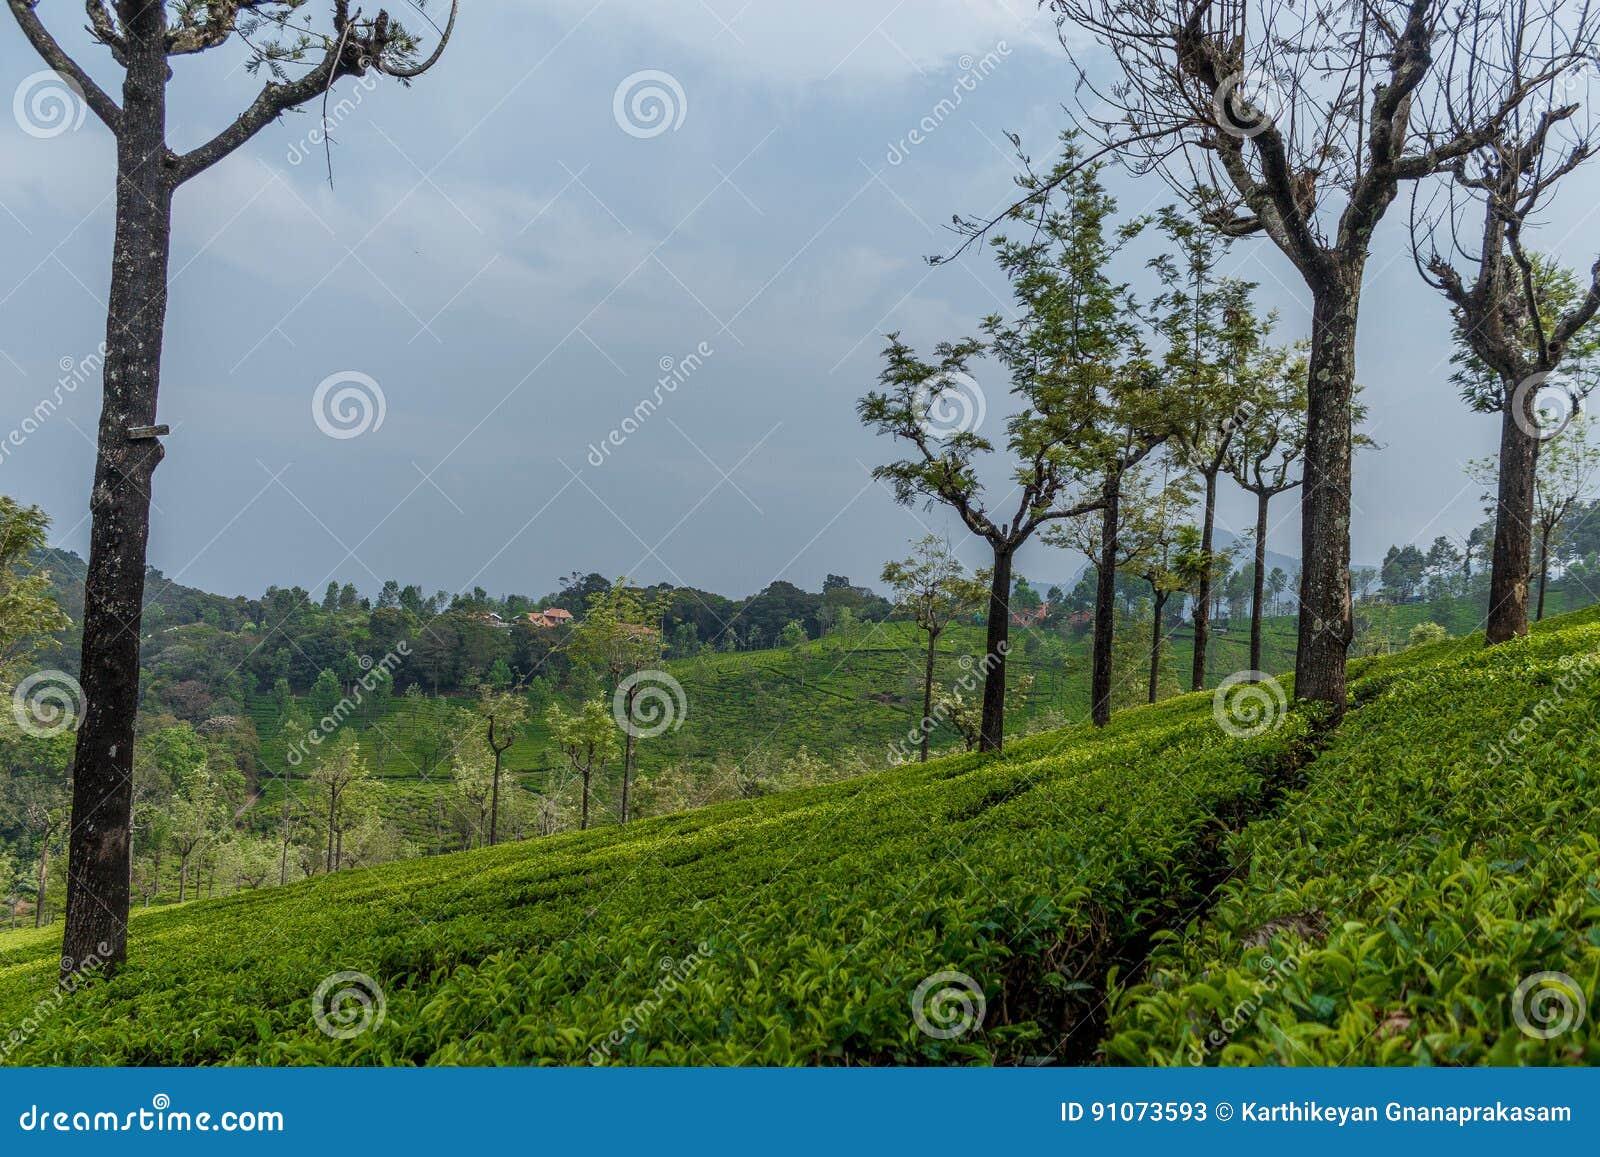 Ευρεία άποψη των πράσινων φυτειών δέντρων με τα δέντρα μέσα - μεταξύ, Ooty, Ινδία, στις 19 Αυγούστου 2016